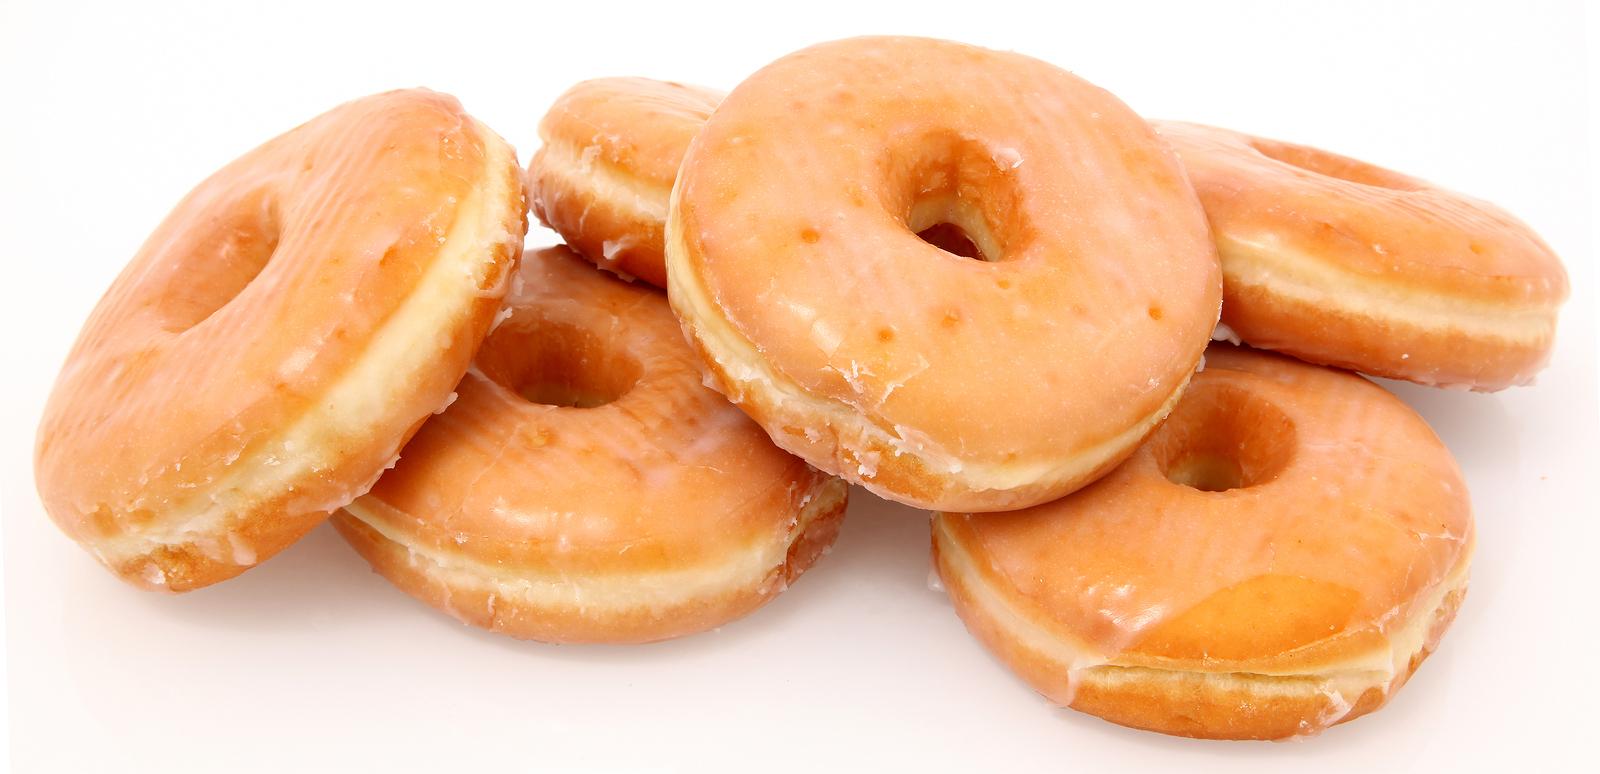 Glazed Donuts_1532606775670